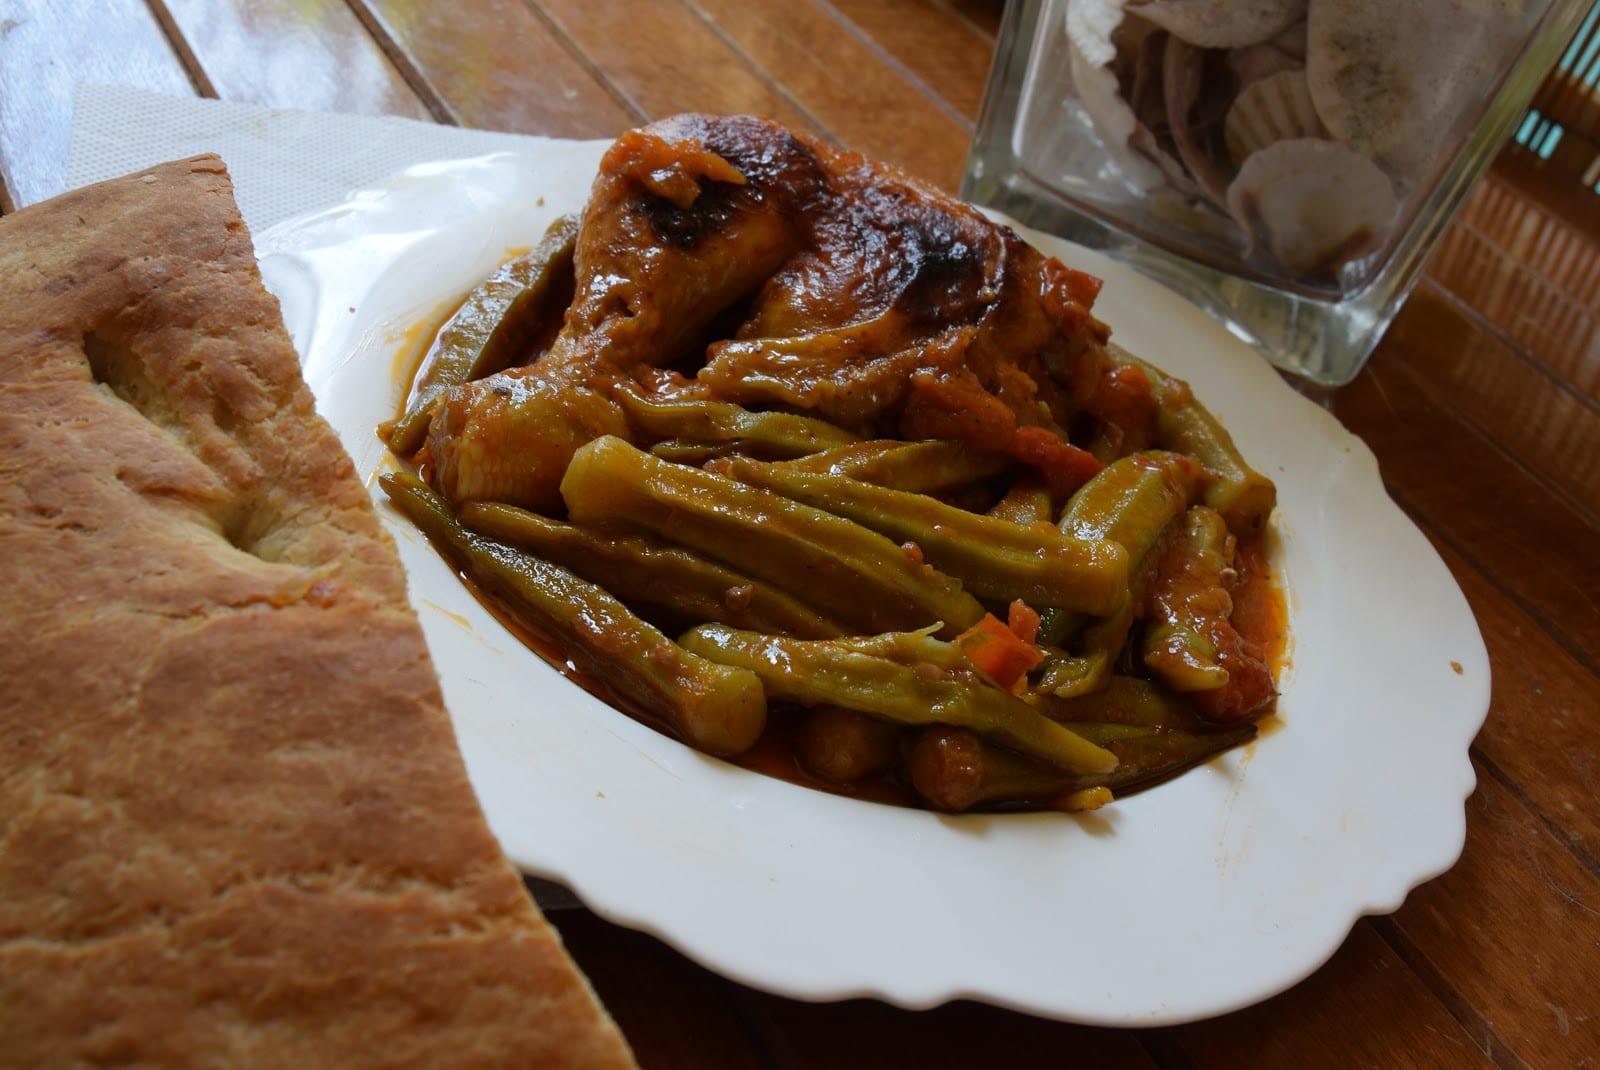 Μπάμιες με κοτόπουλο στο φούρνο και ψωμάκι !!!